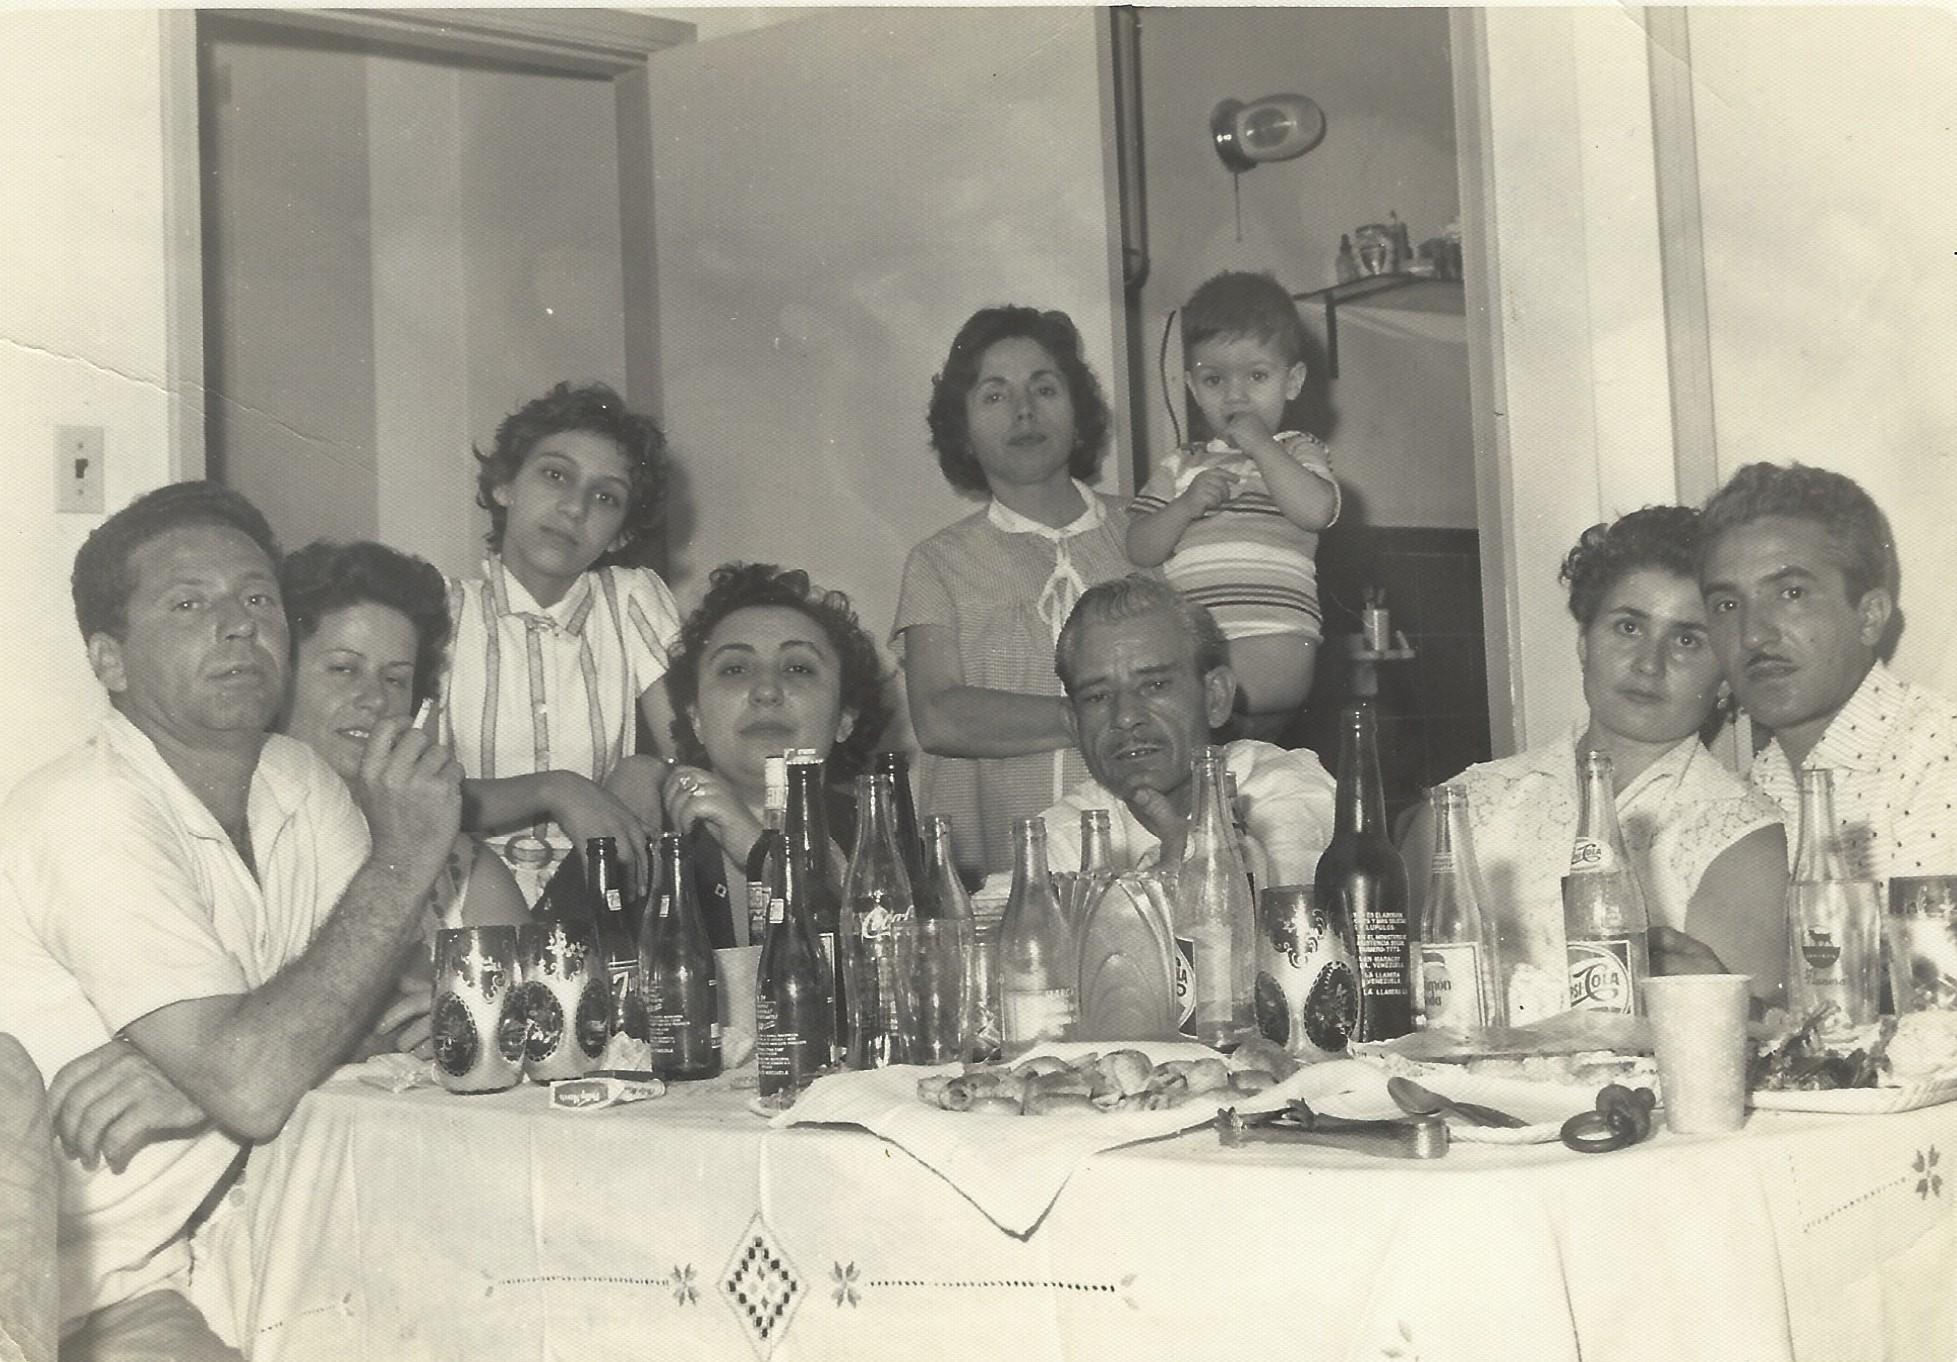 Historic photo of the Monti Ristorante Italiano Family